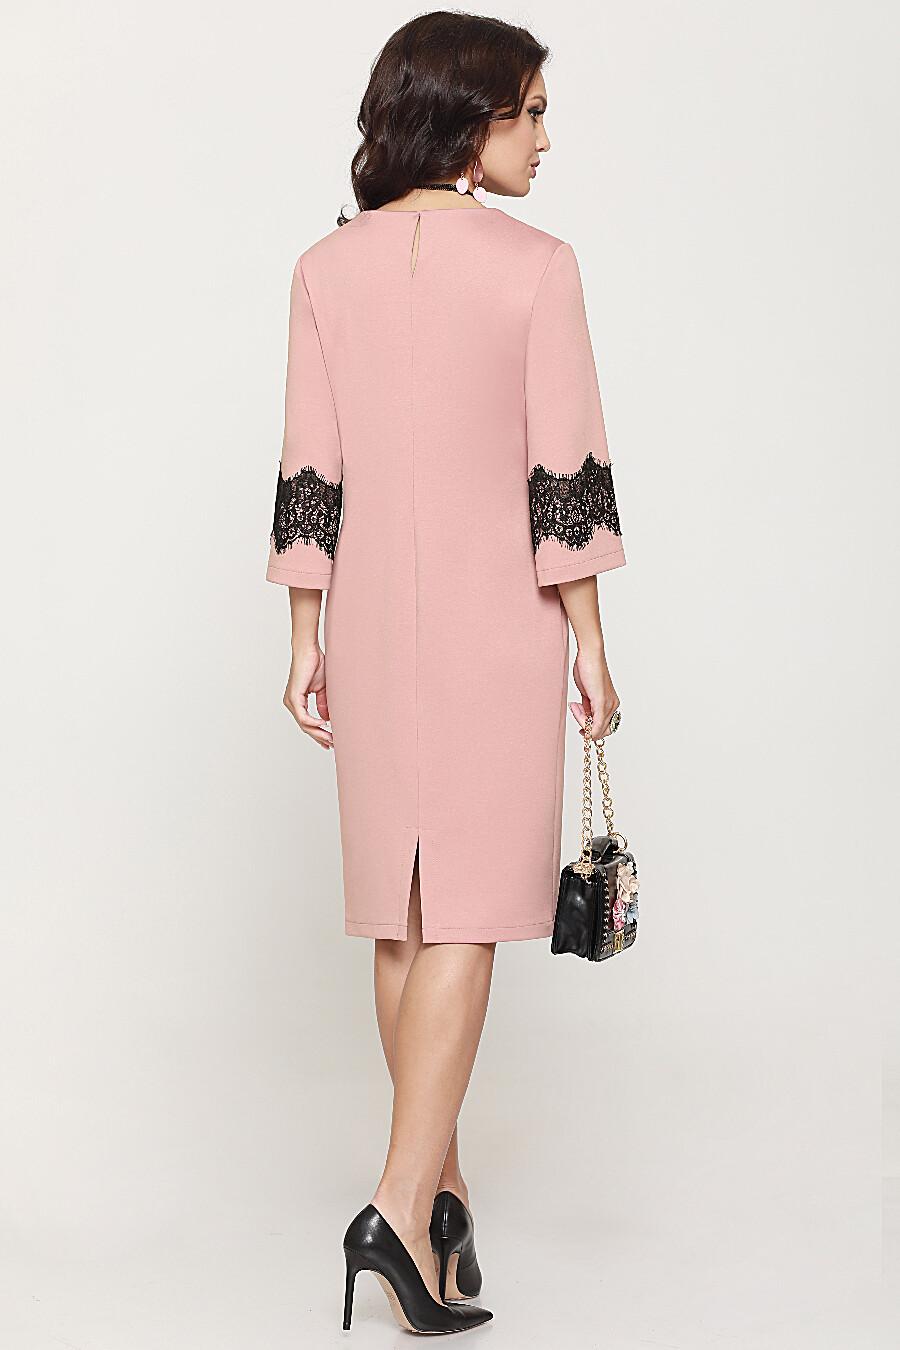 Платье DSTREND (707652), купить в Moyo.moda